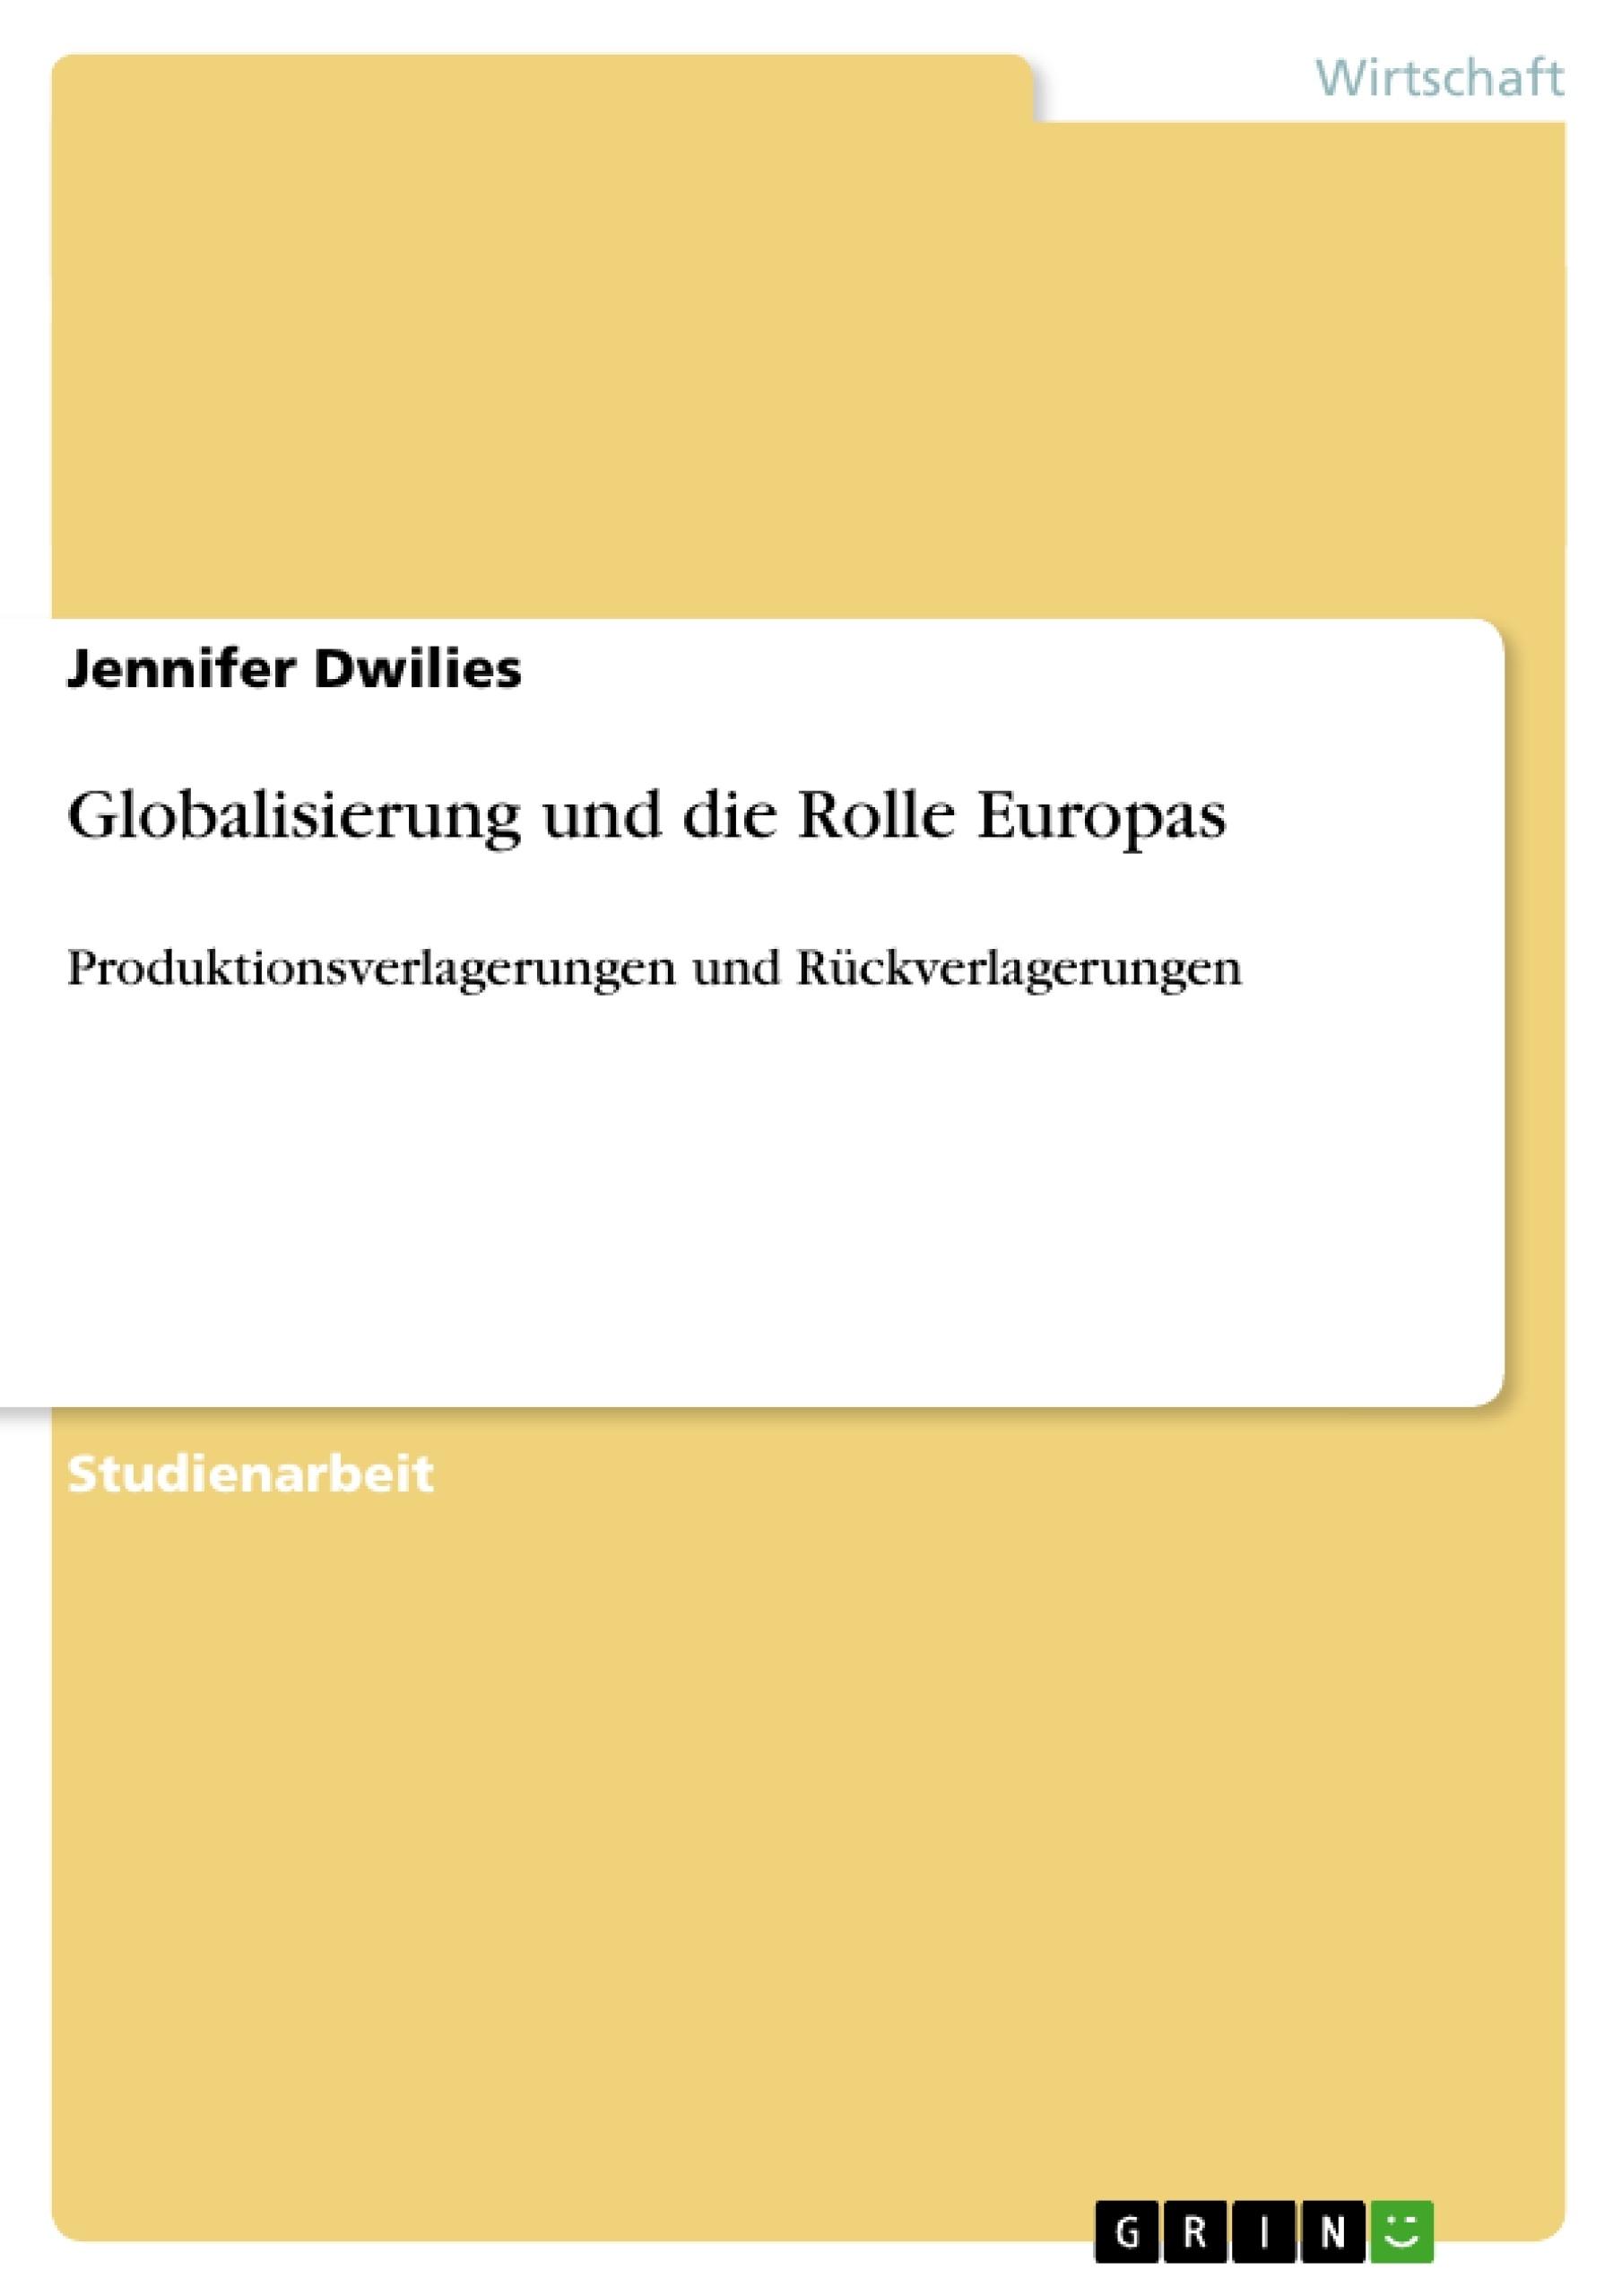 Titel: Globalisierung und die Rolle Europas